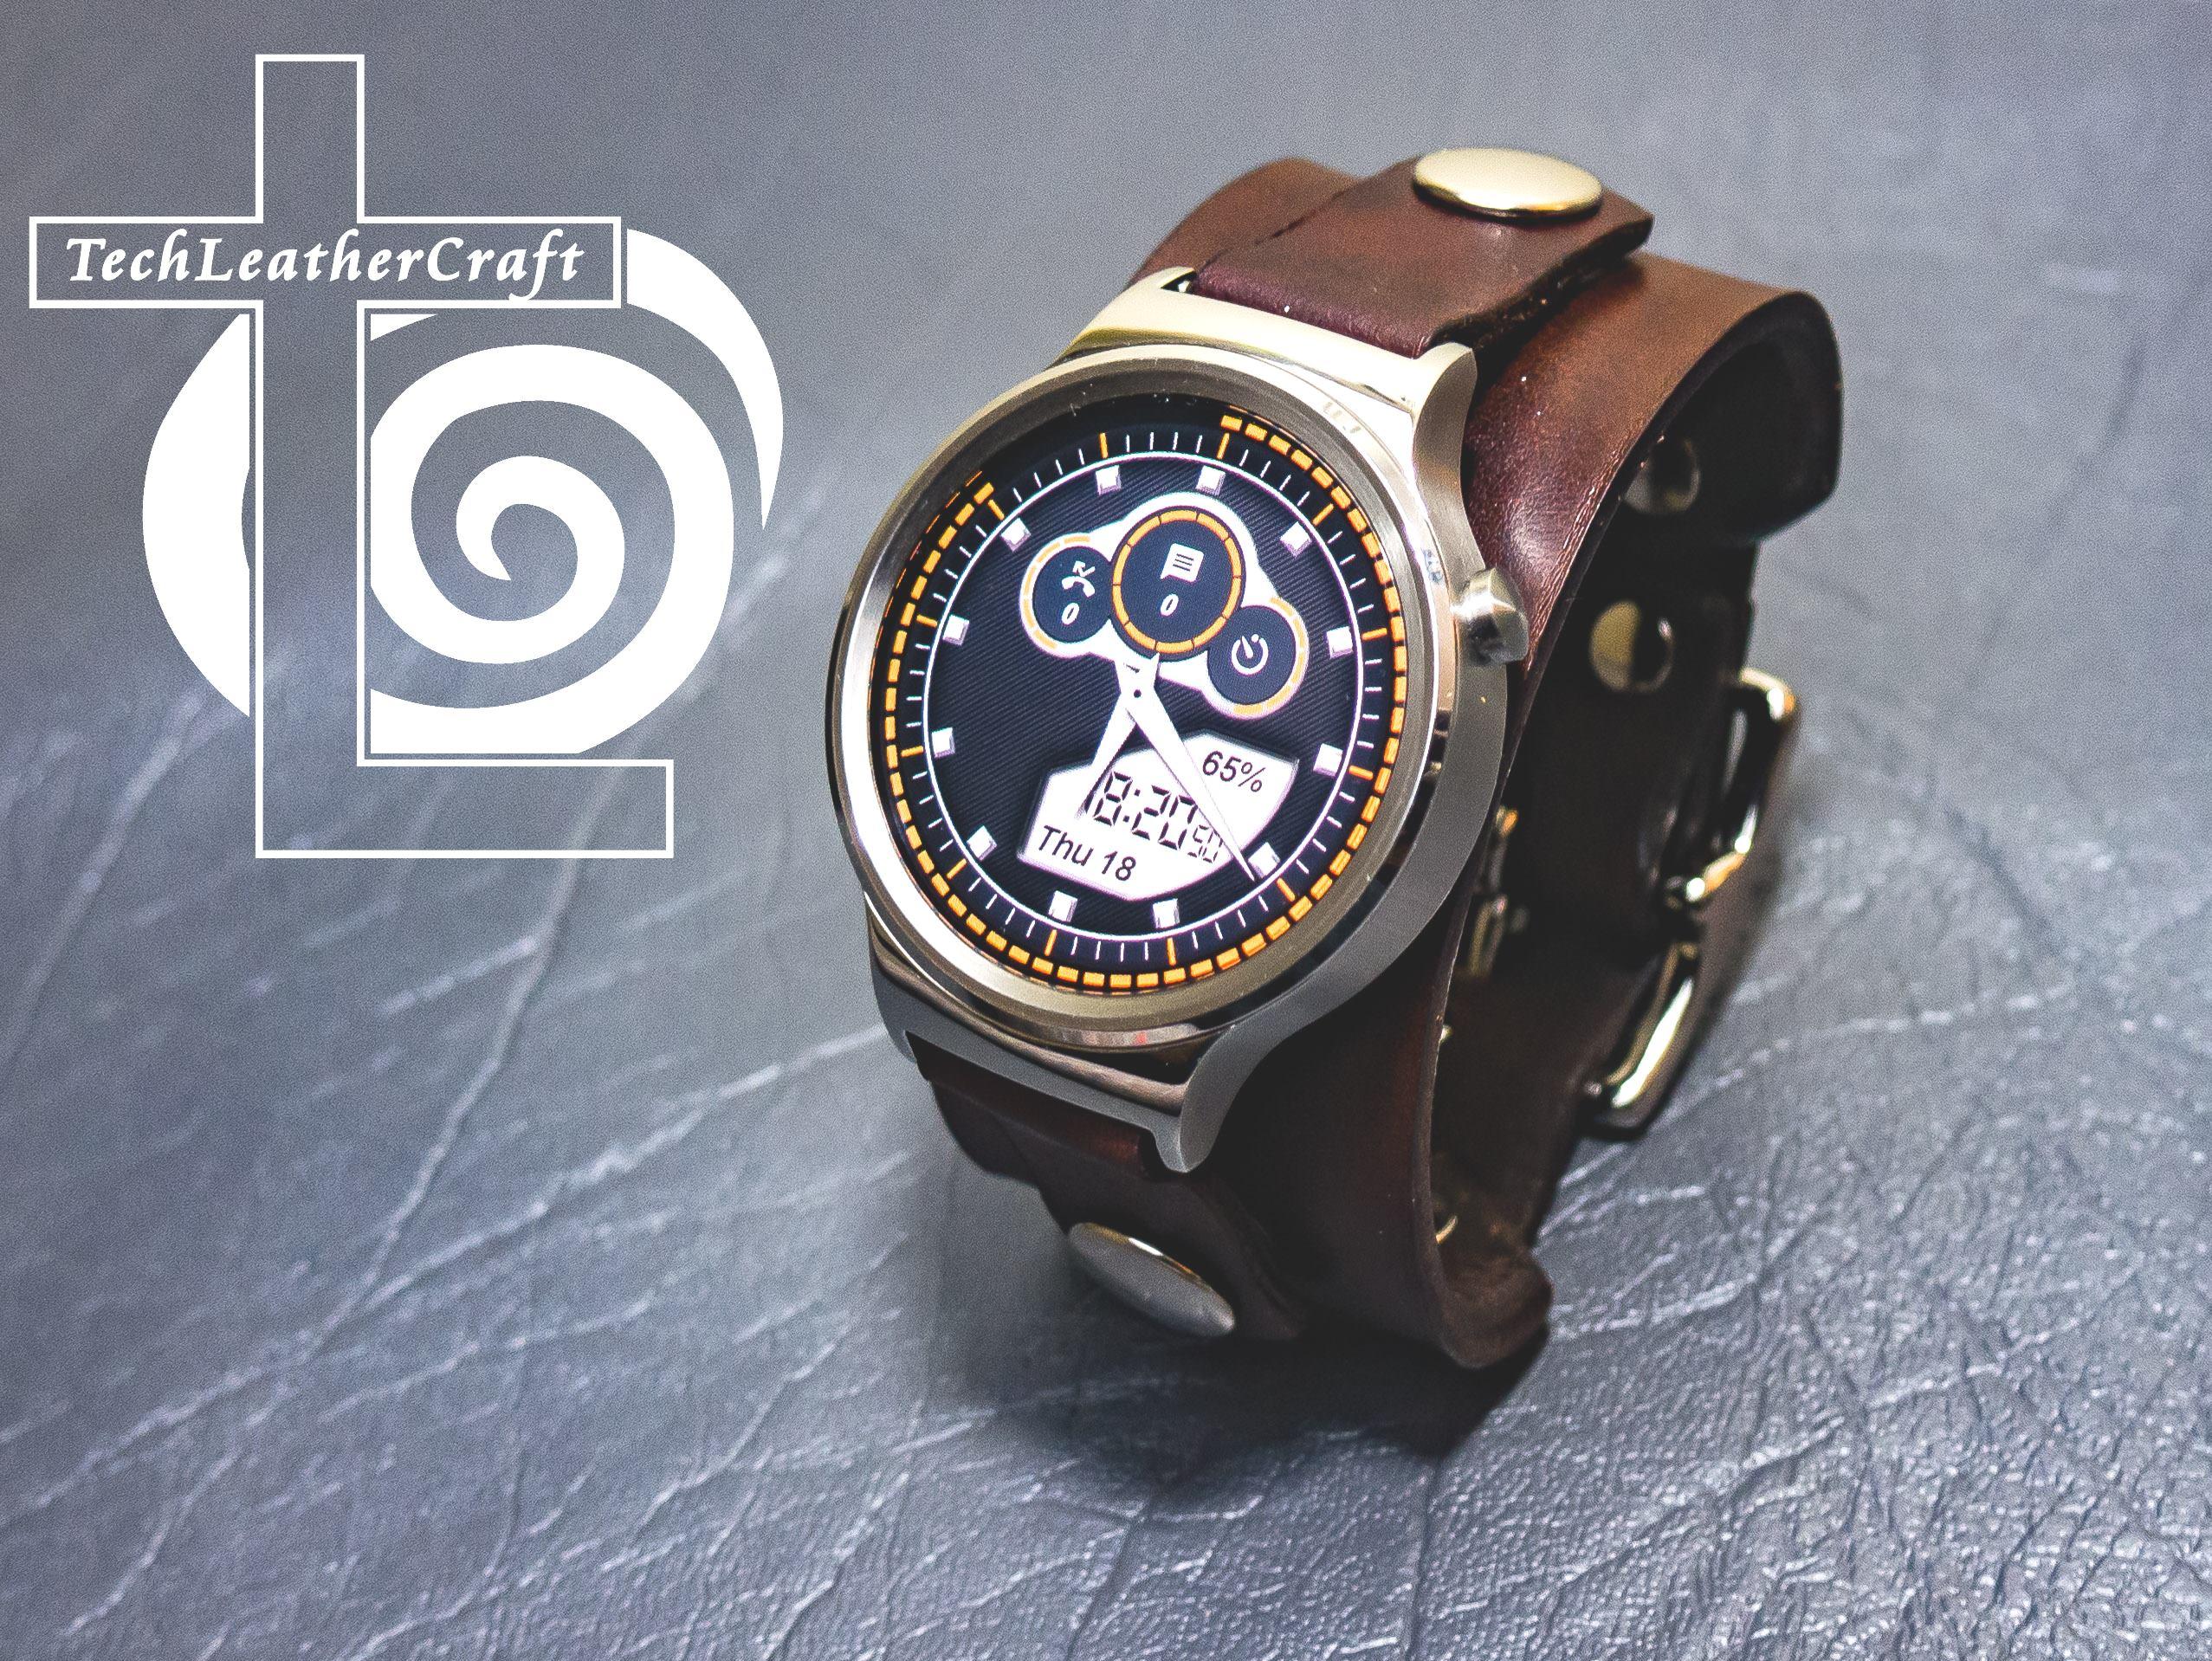 Smartwatch Leather Watch Cuff Samsung Gear S3 Frontier